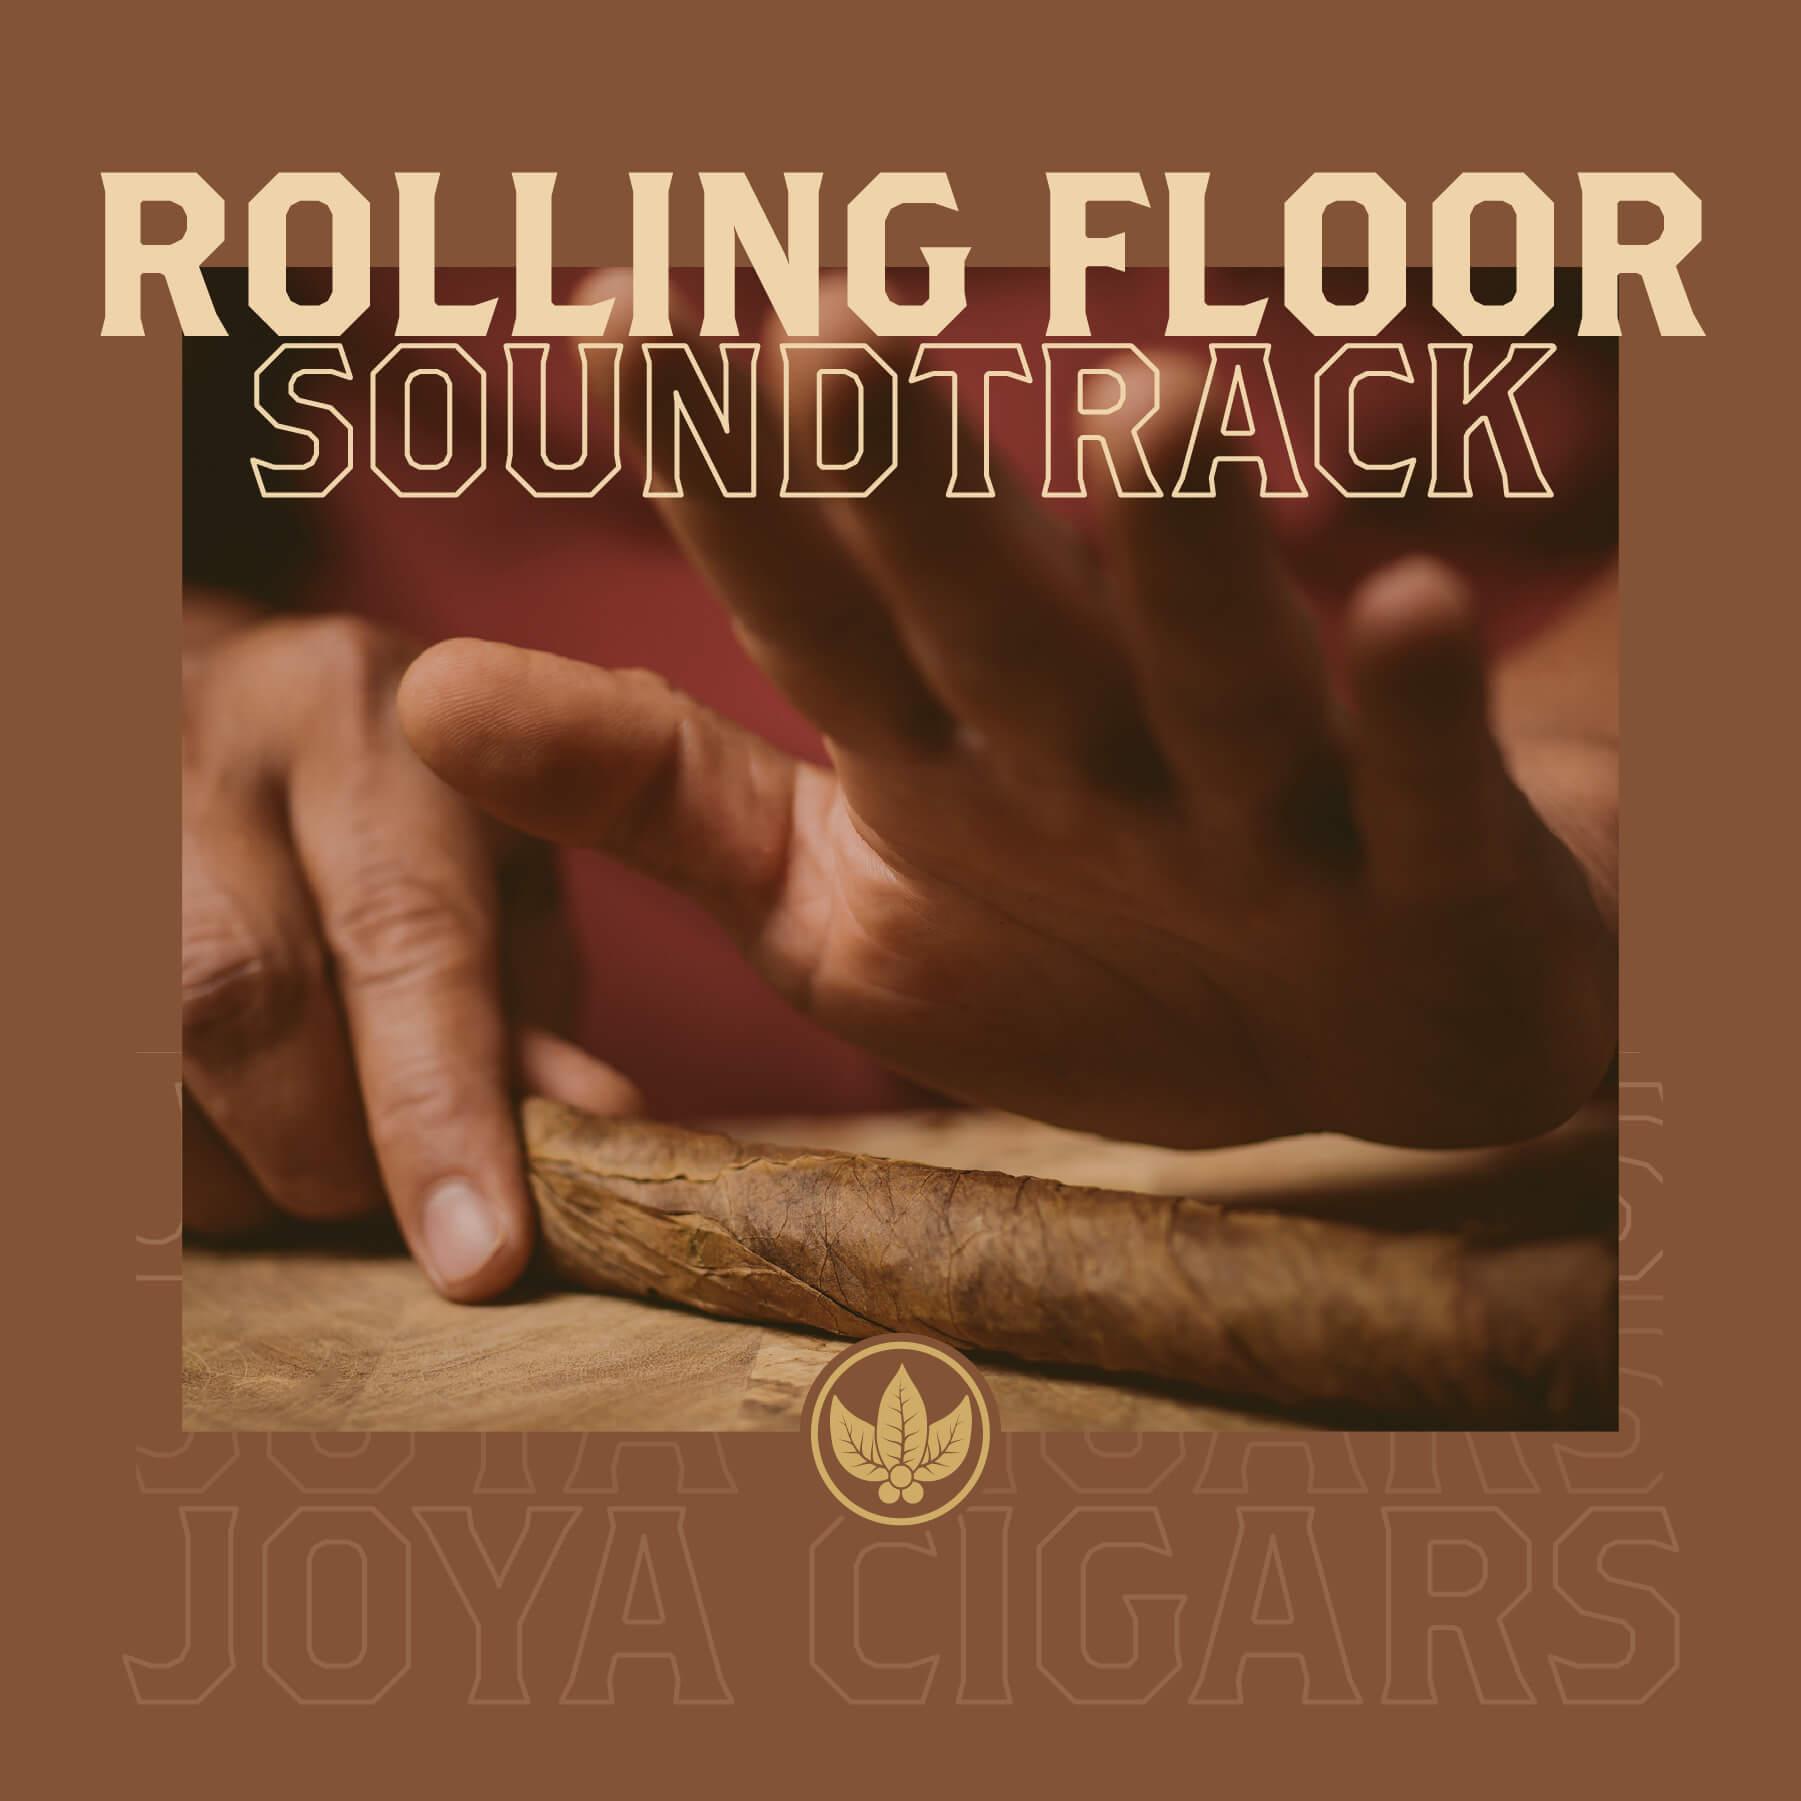 rolling floor